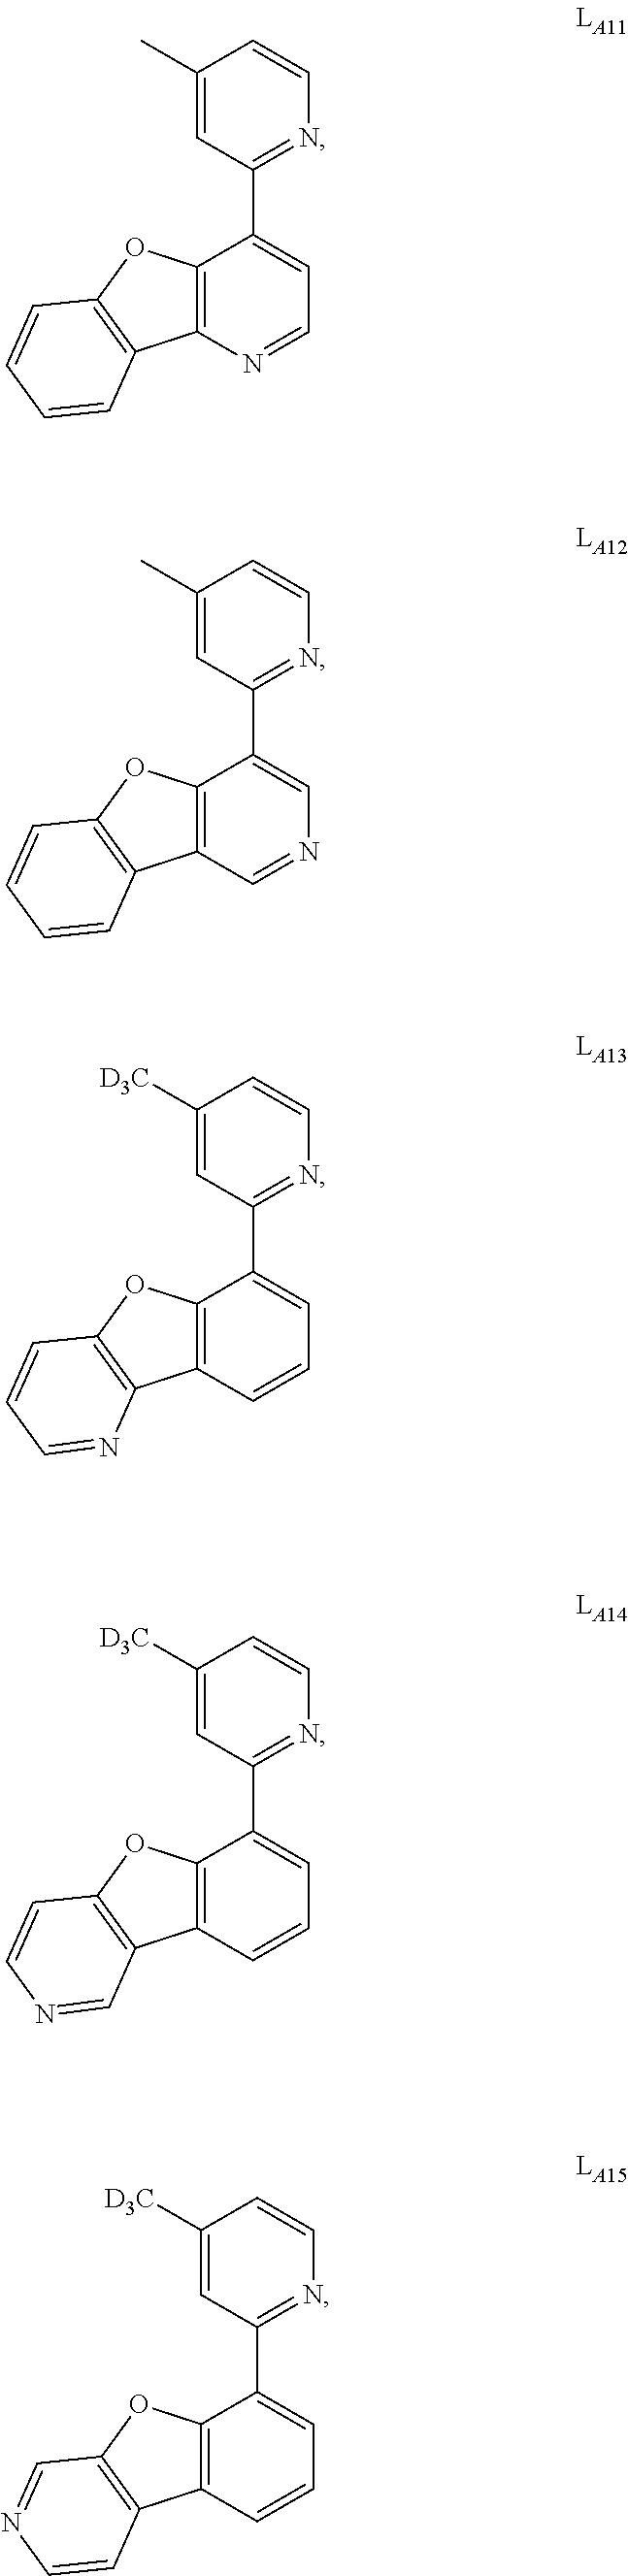 Figure US09634264-20170425-C00051